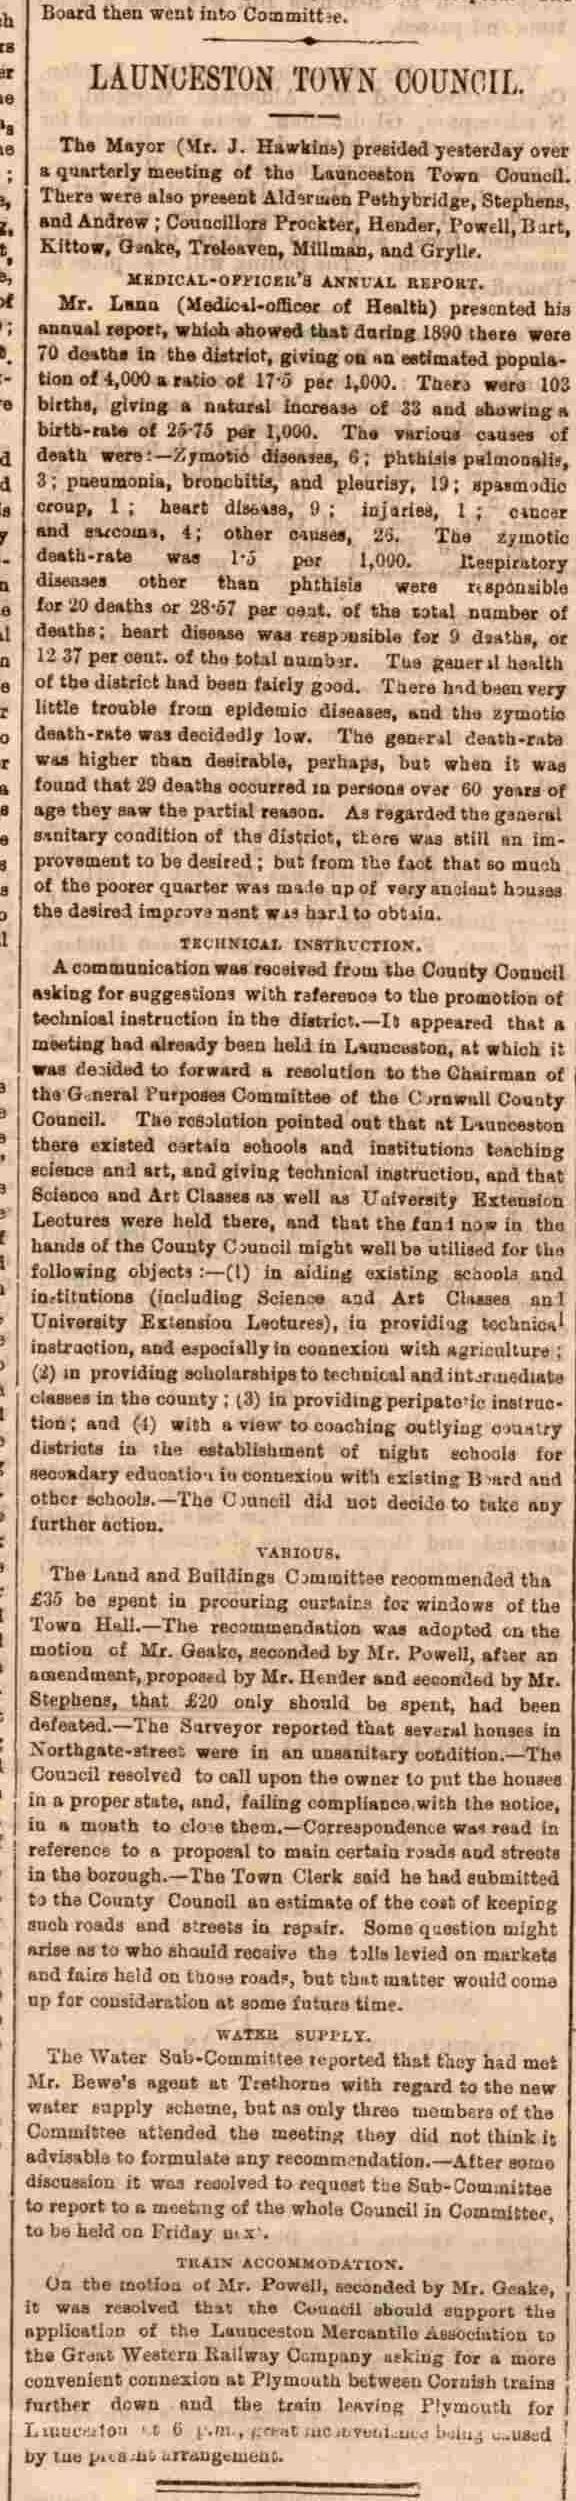 10 February 1891